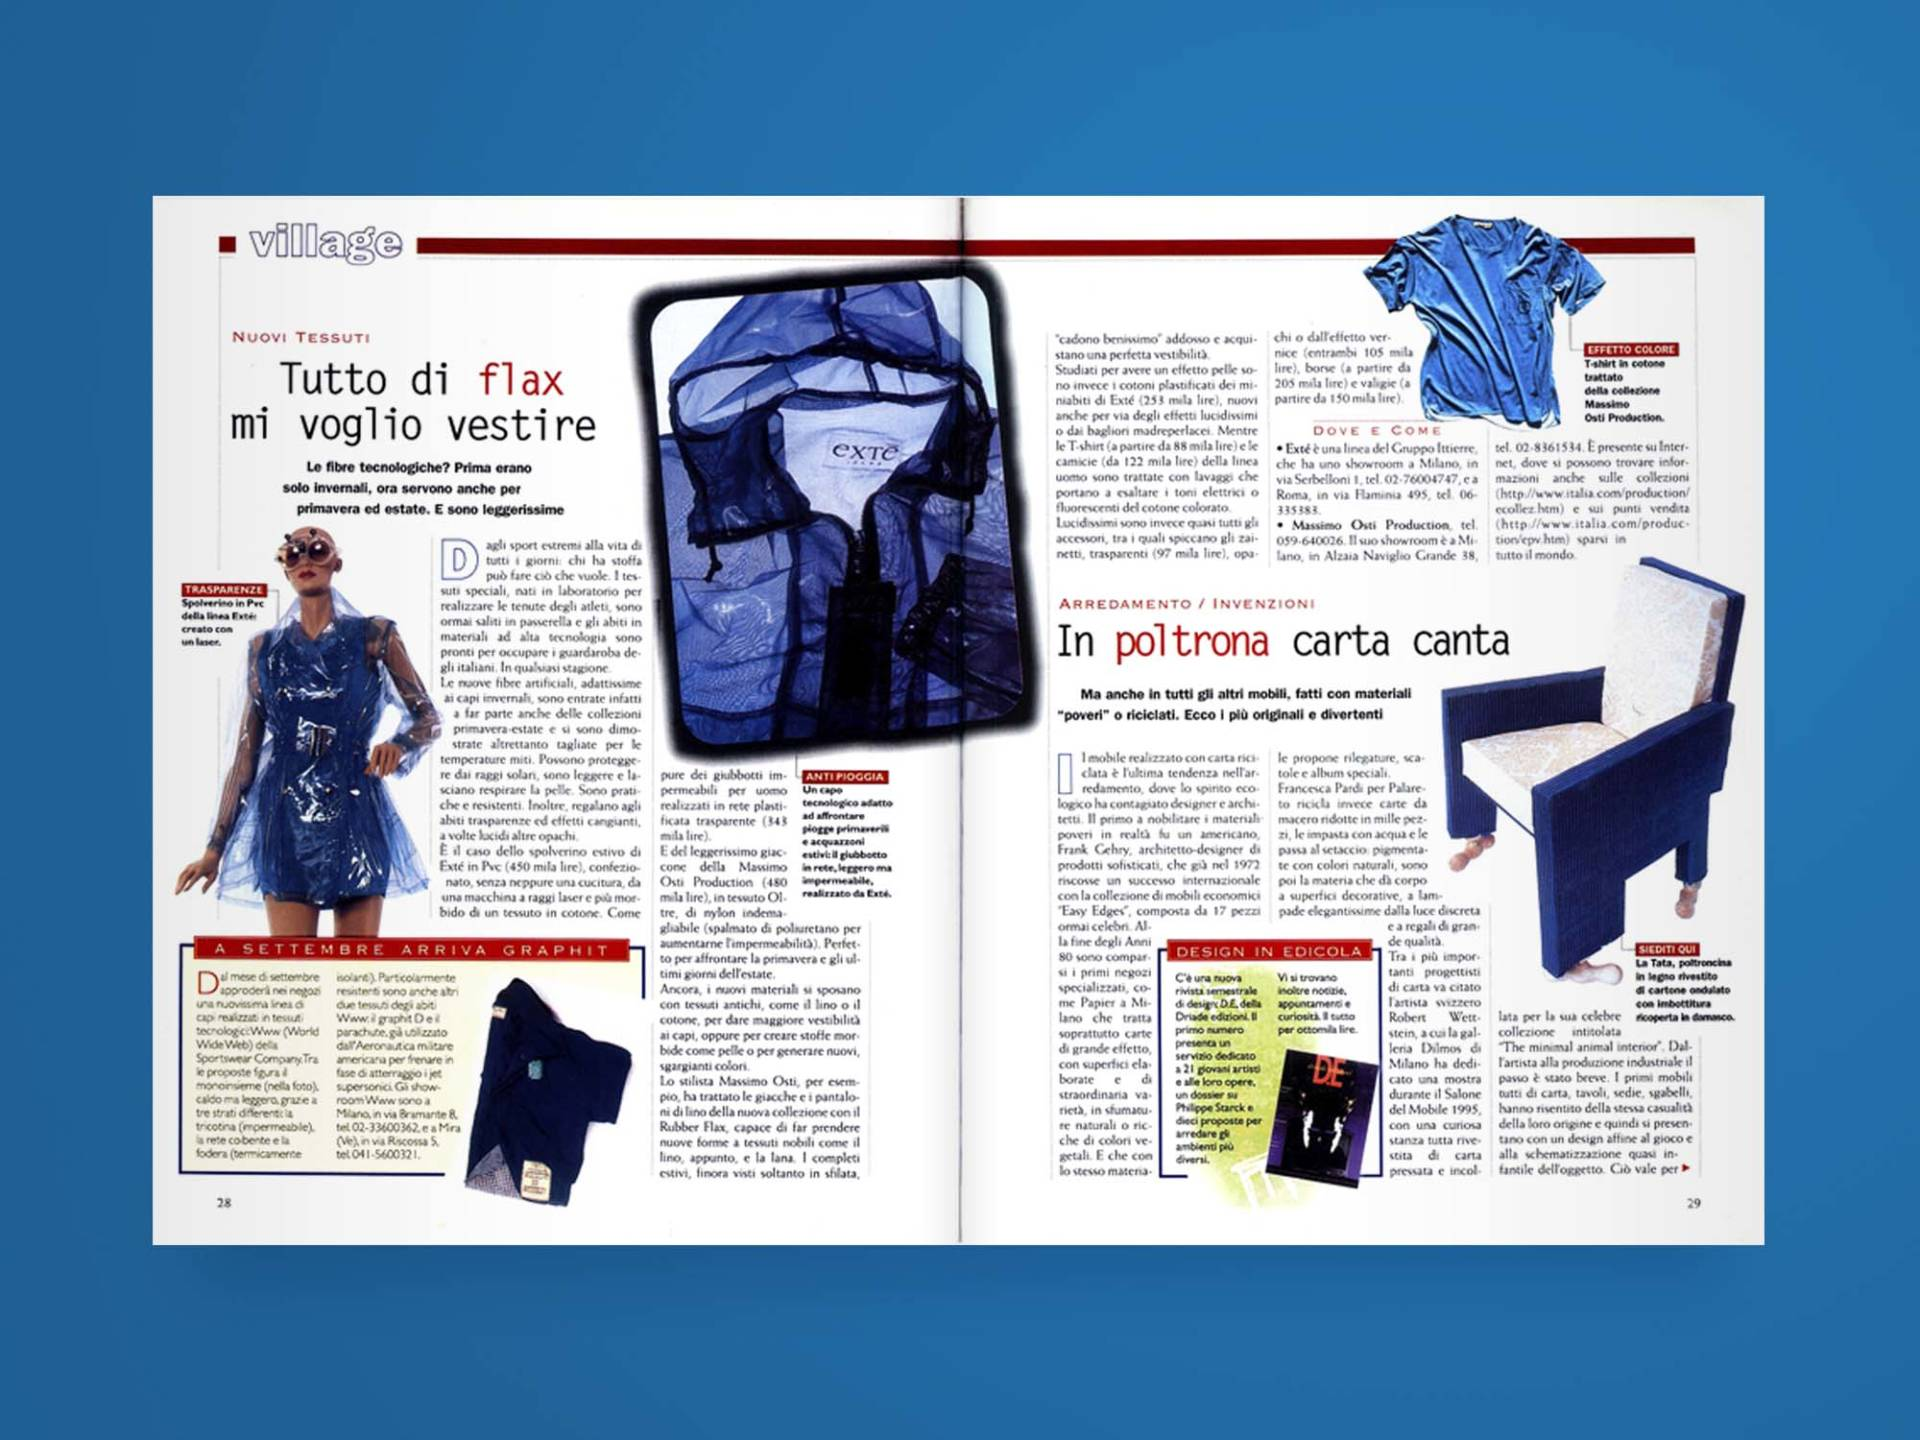 Gulliver+_02_Wenceslau_News_Design